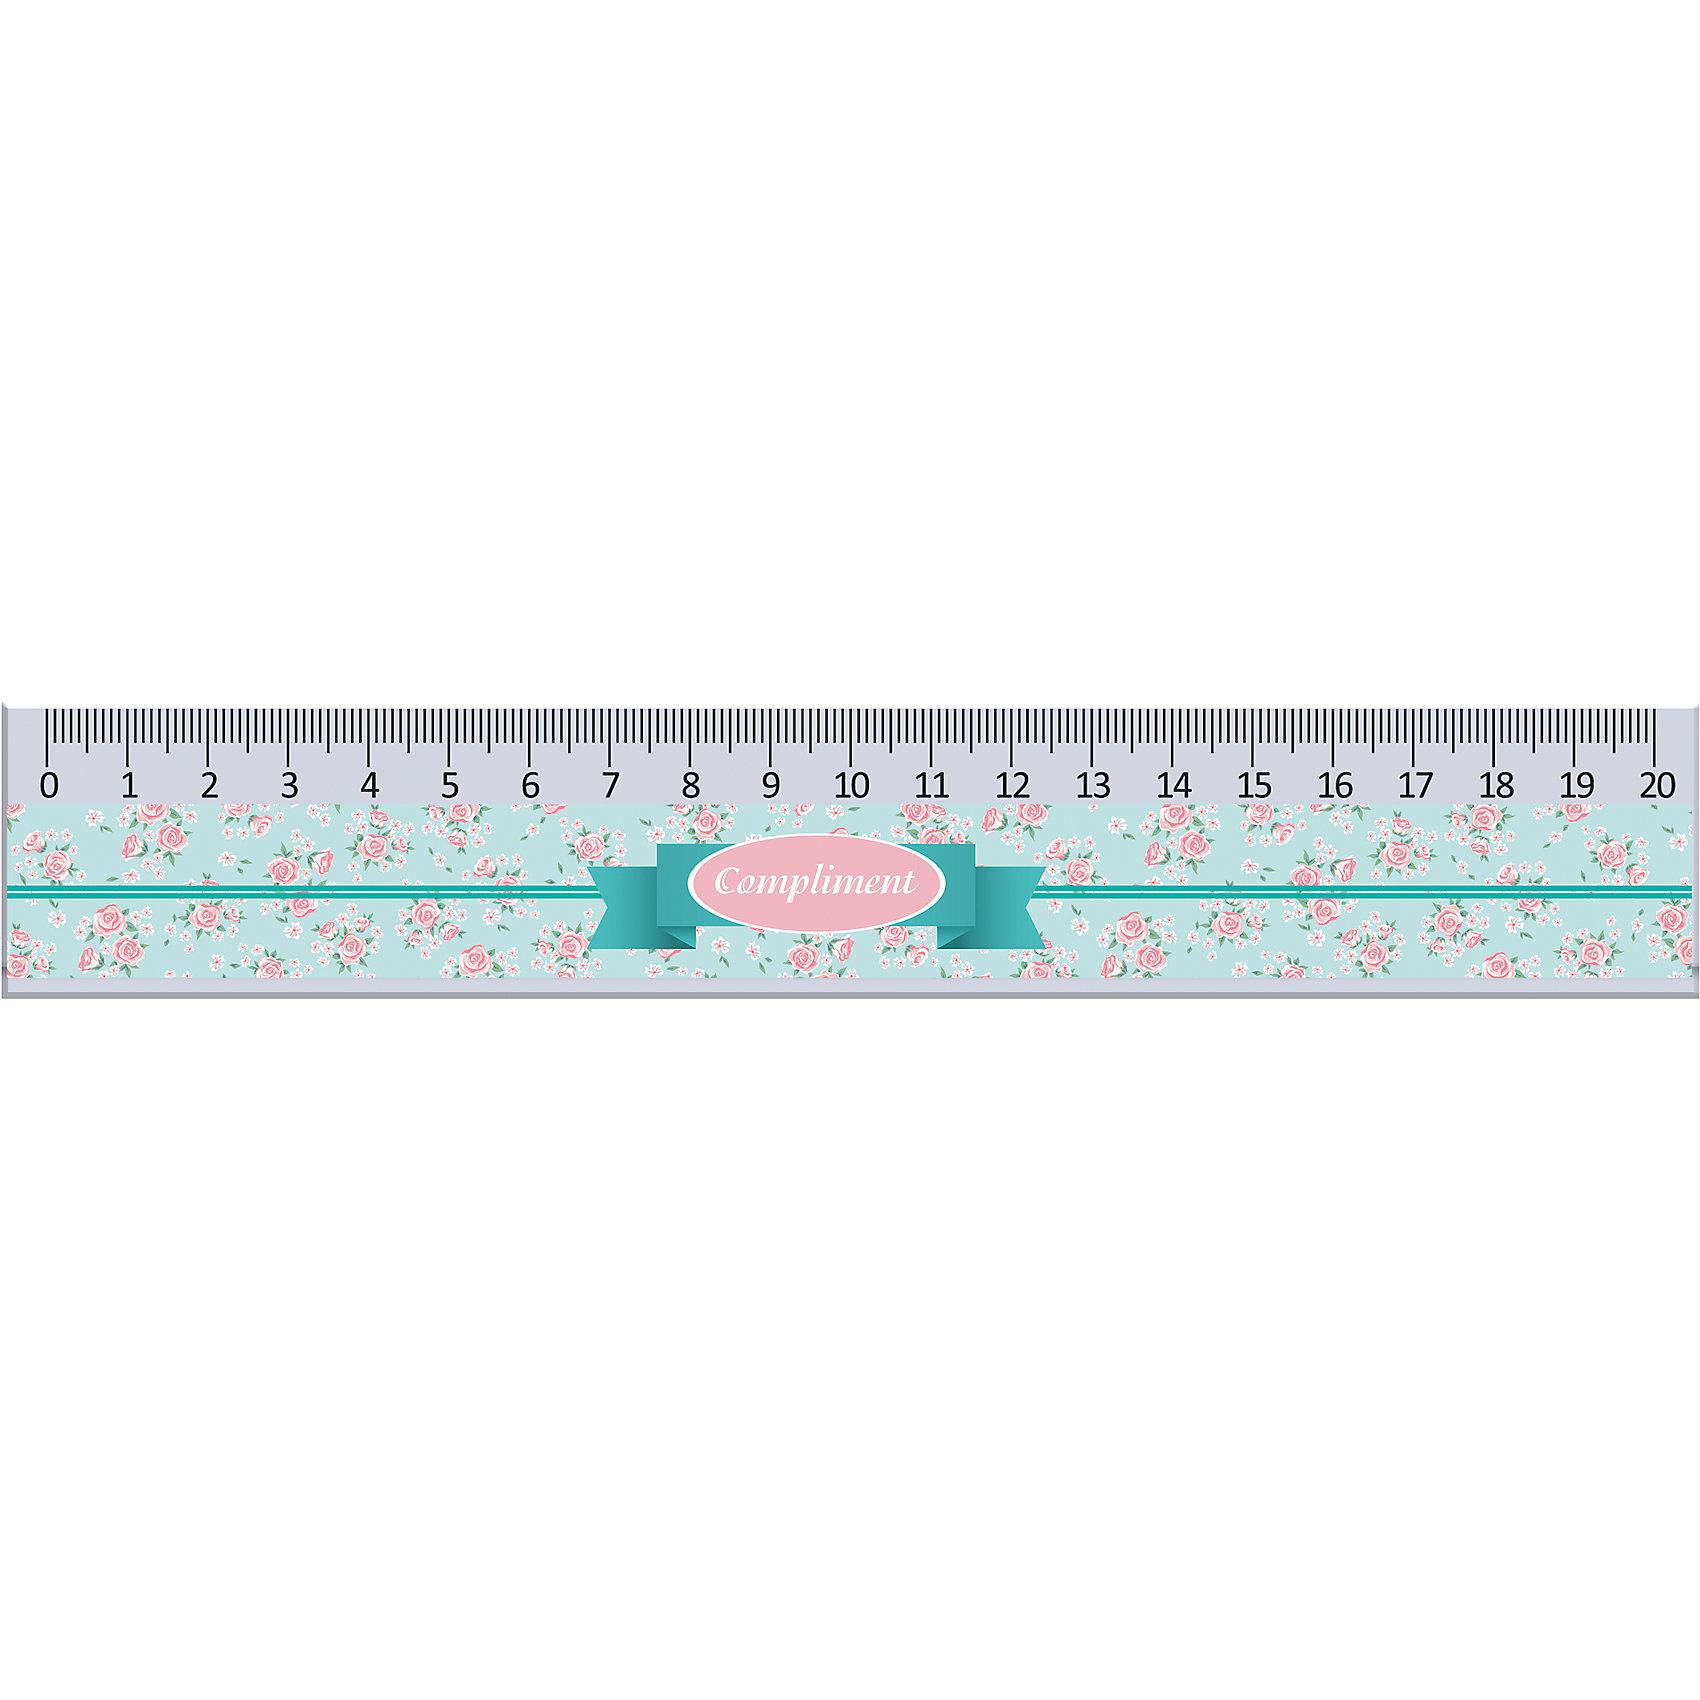 Линейка Compliment, Expert CompleteКоллекционная линейка с нежным цветочным дизайном Expert Complete Compliment, который ососбенно понравится девушкам. Длина 20 см. Выполнена из пластика. Ударопрочная. Высококачественная градуировка: деления наносятся с использованием ультрафиолетовых чернил для повышенной стойкости.<br><br>Ширина мм: 250<br>Глубина мм: 10<br>Высота мм: 37<br>Вес г: 13<br>Возраст от месяцев: 48<br>Возраст до месяцев: 2147483647<br>Пол: Женский<br>Возраст: Детский<br>SKU: 5475536